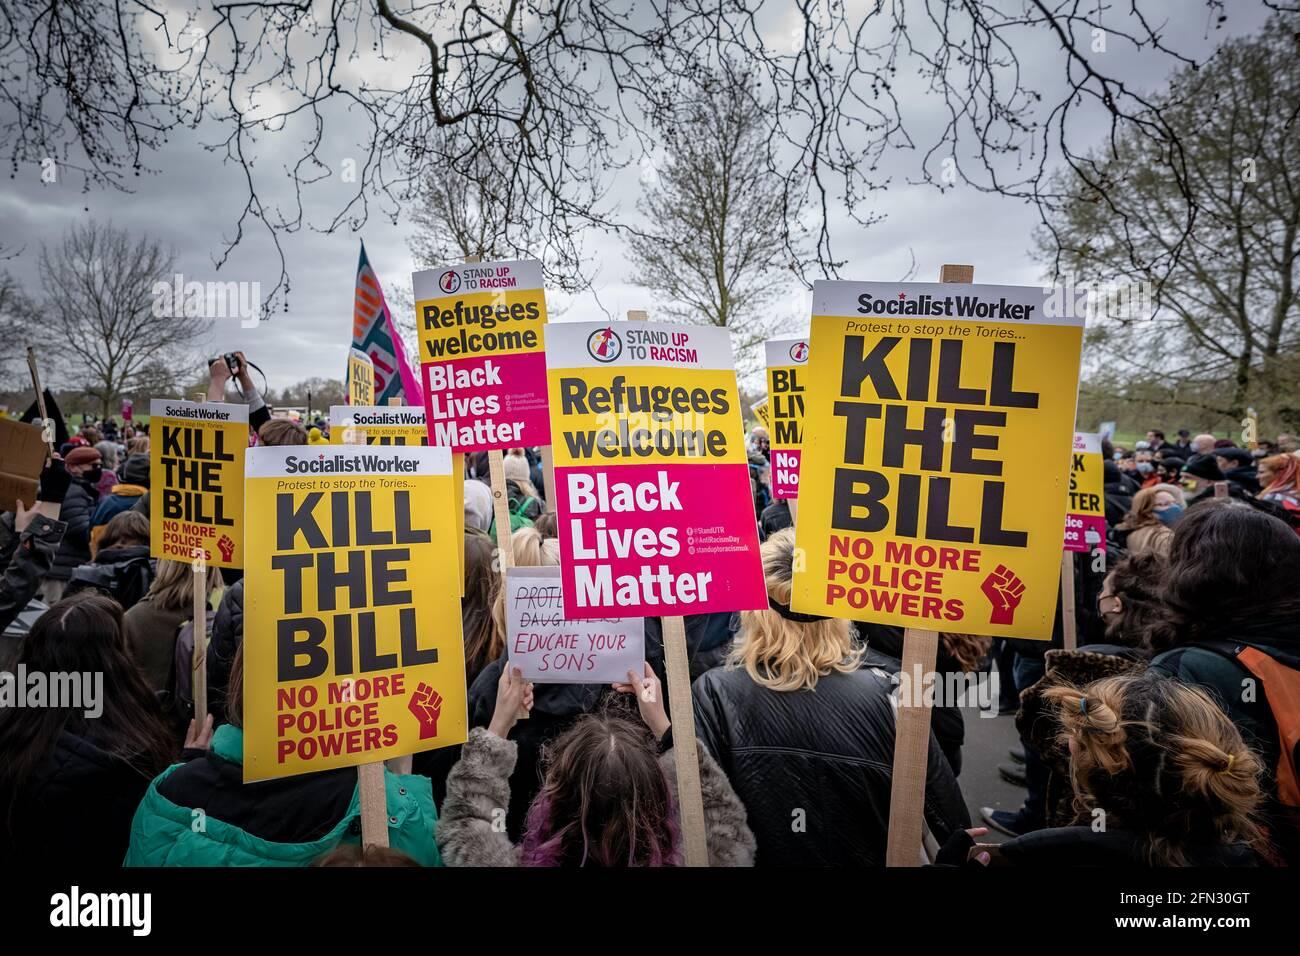 Tuez la protestation de Bill. Des milliers de manifestants se réunissent à Hyde Park pour manifester contre un projet de loi contre les crimes de police « anti-protestation ». Londres, Royaume-Uni Banque D'Images